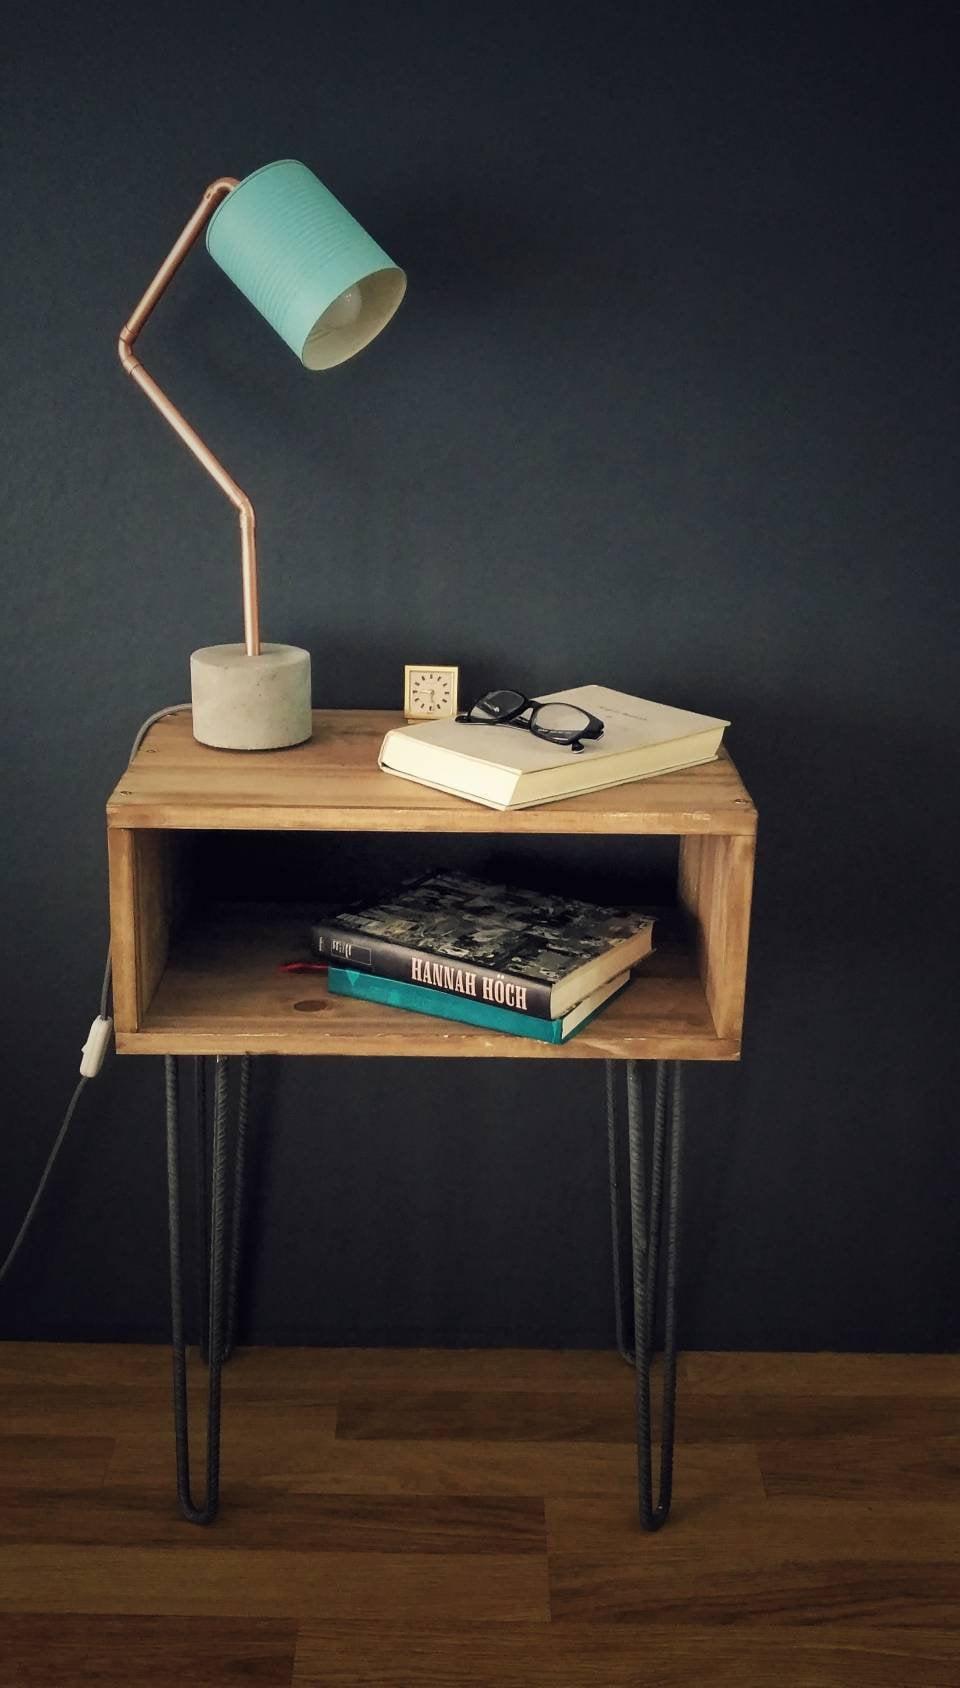 industriel lampe de chevet lampe de bureau bleu b ton. Black Bedroom Furniture Sets. Home Design Ideas